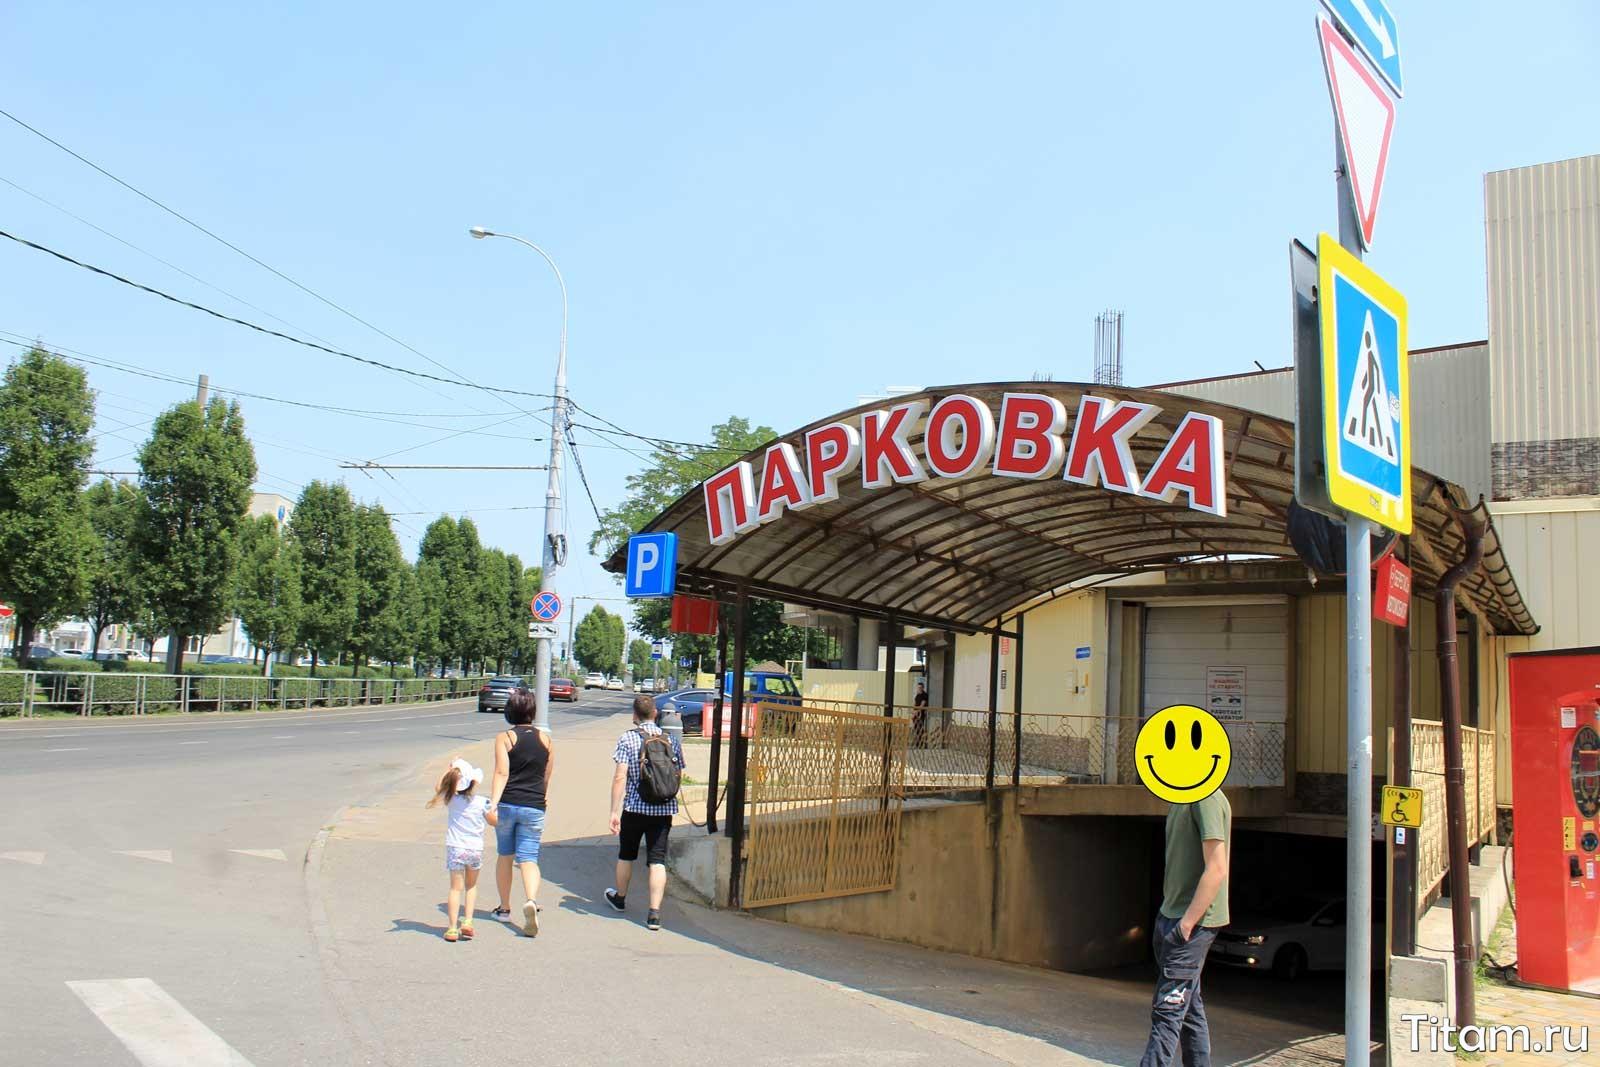 Парковка Сафари-парк Краснодар